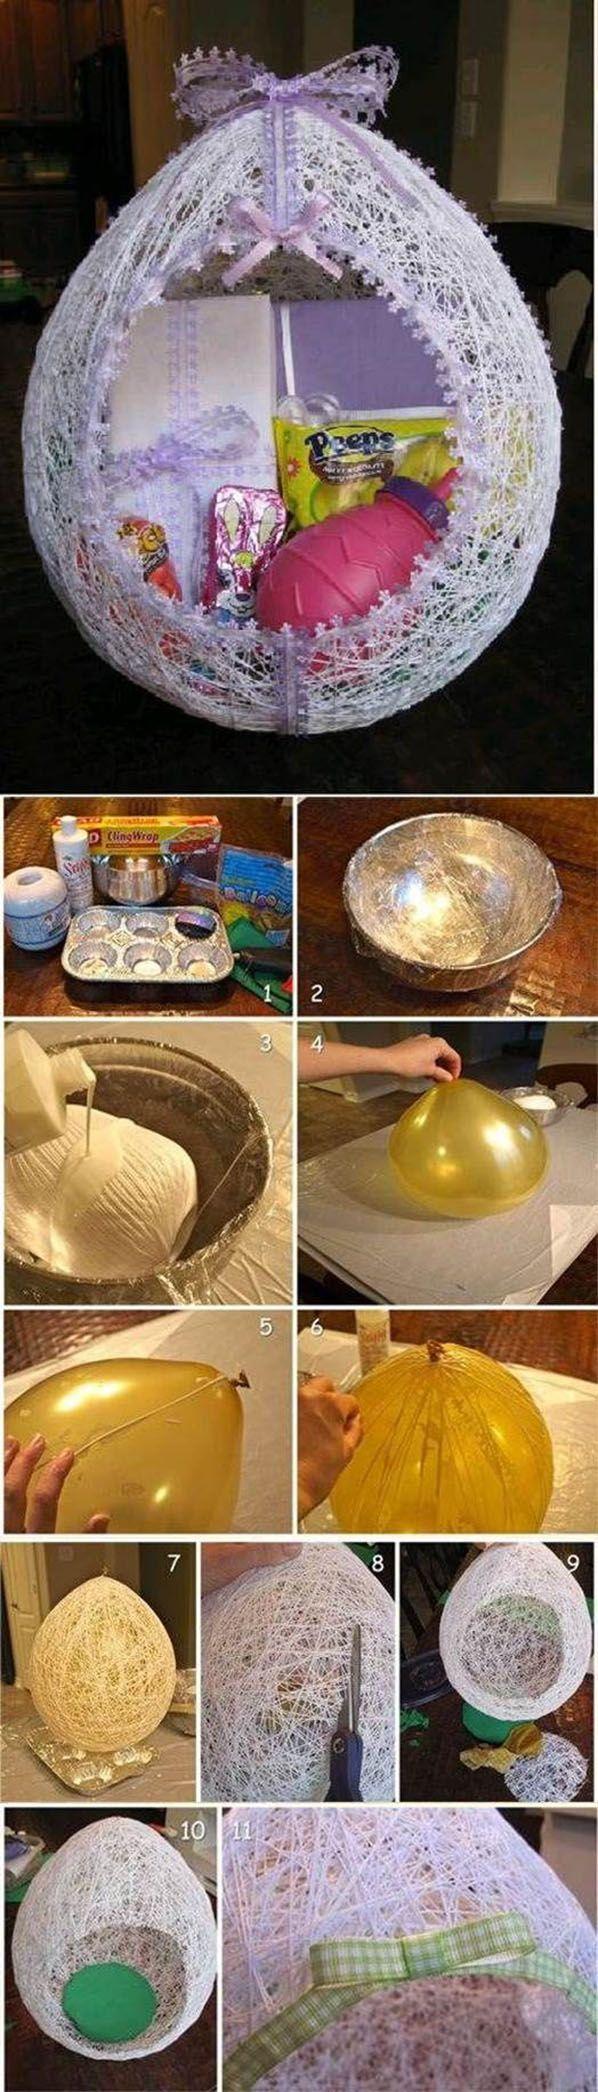 DIY Egg Shaped Easter String Basket | DIY & Crafts Tutorials